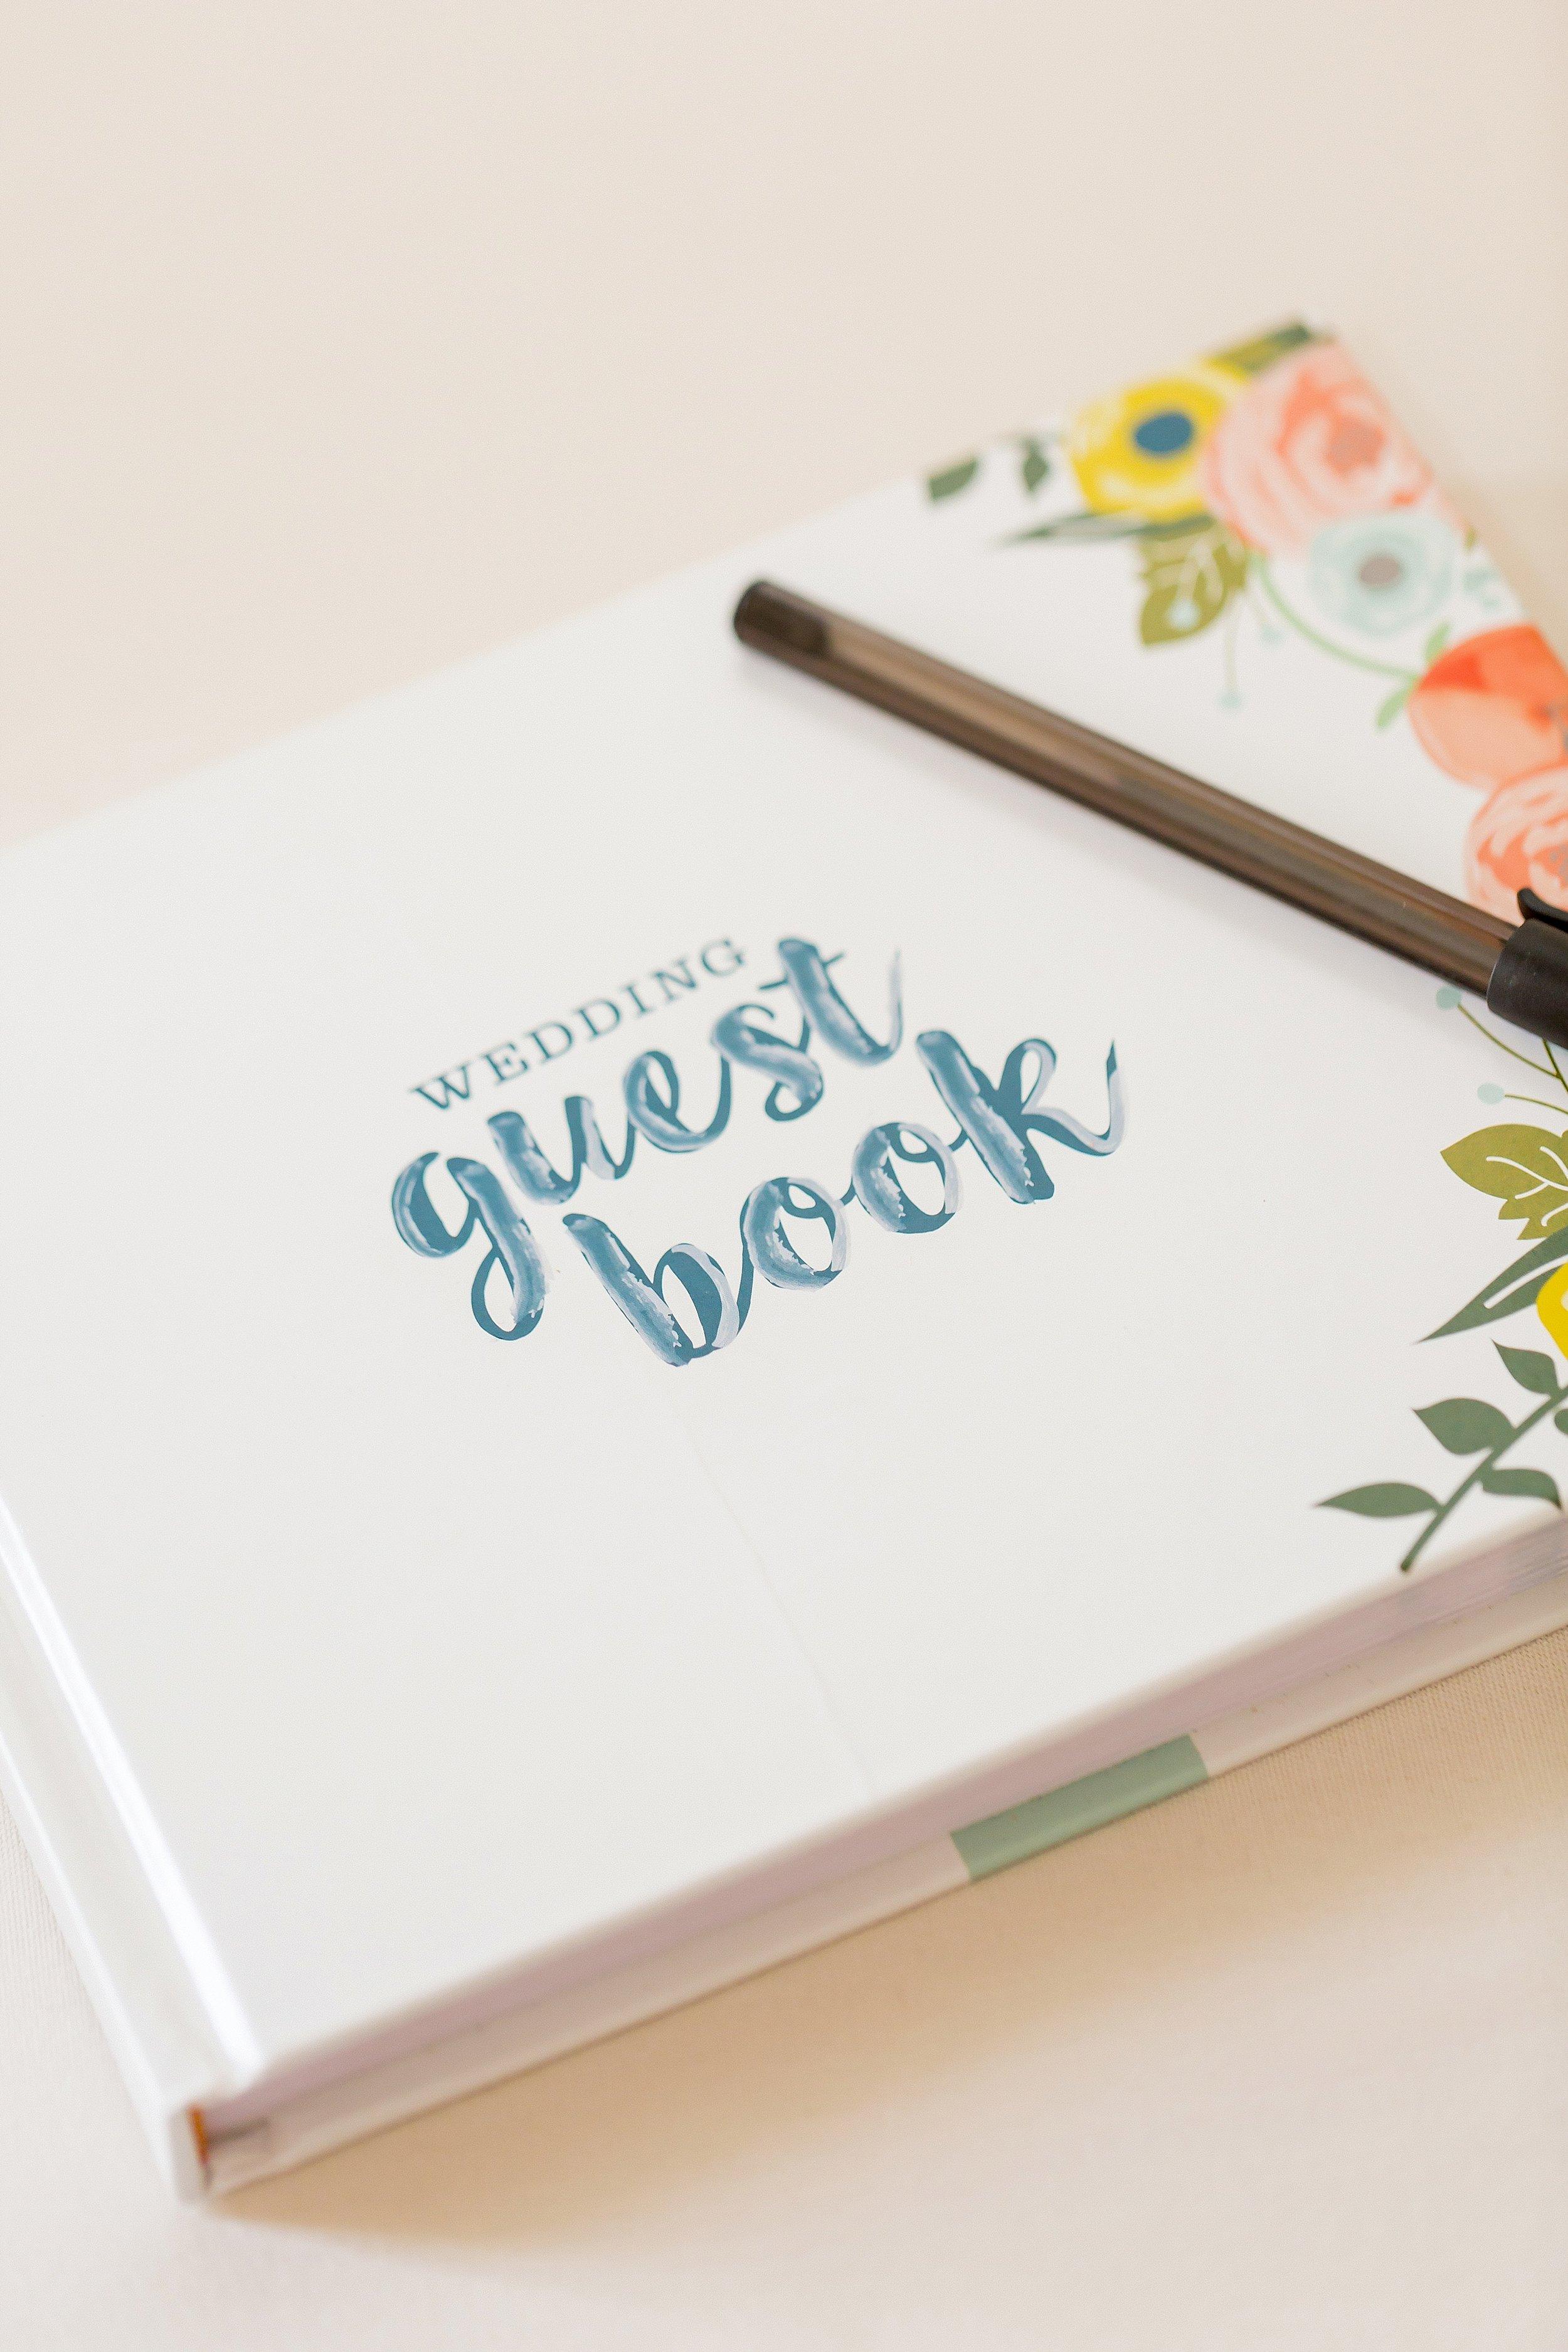 guest book ideas.jpg